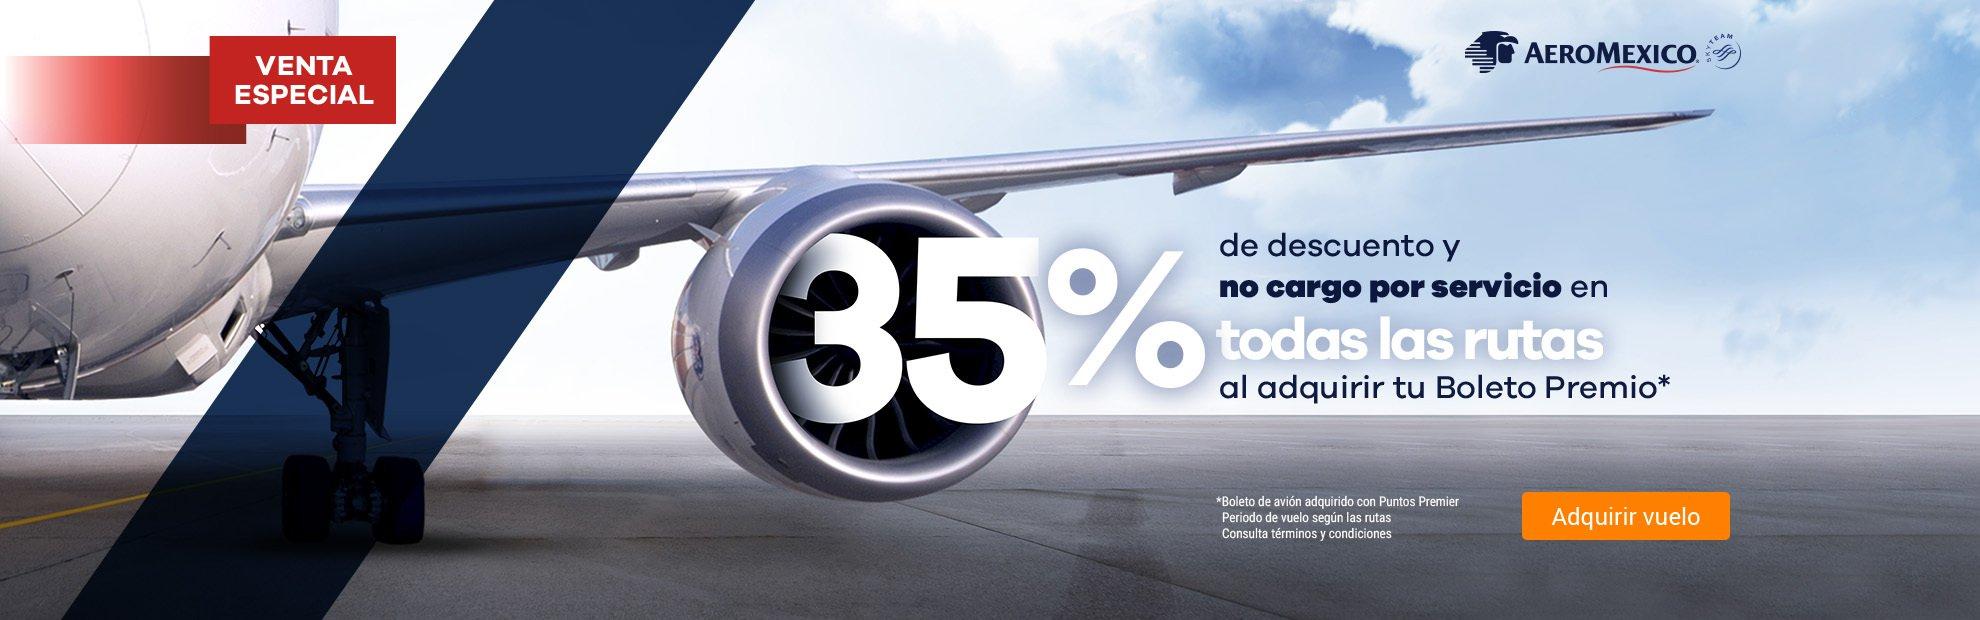 Club Premier: Hasta 35% de descuento en todas las rutas y no pago de cobro de servicio